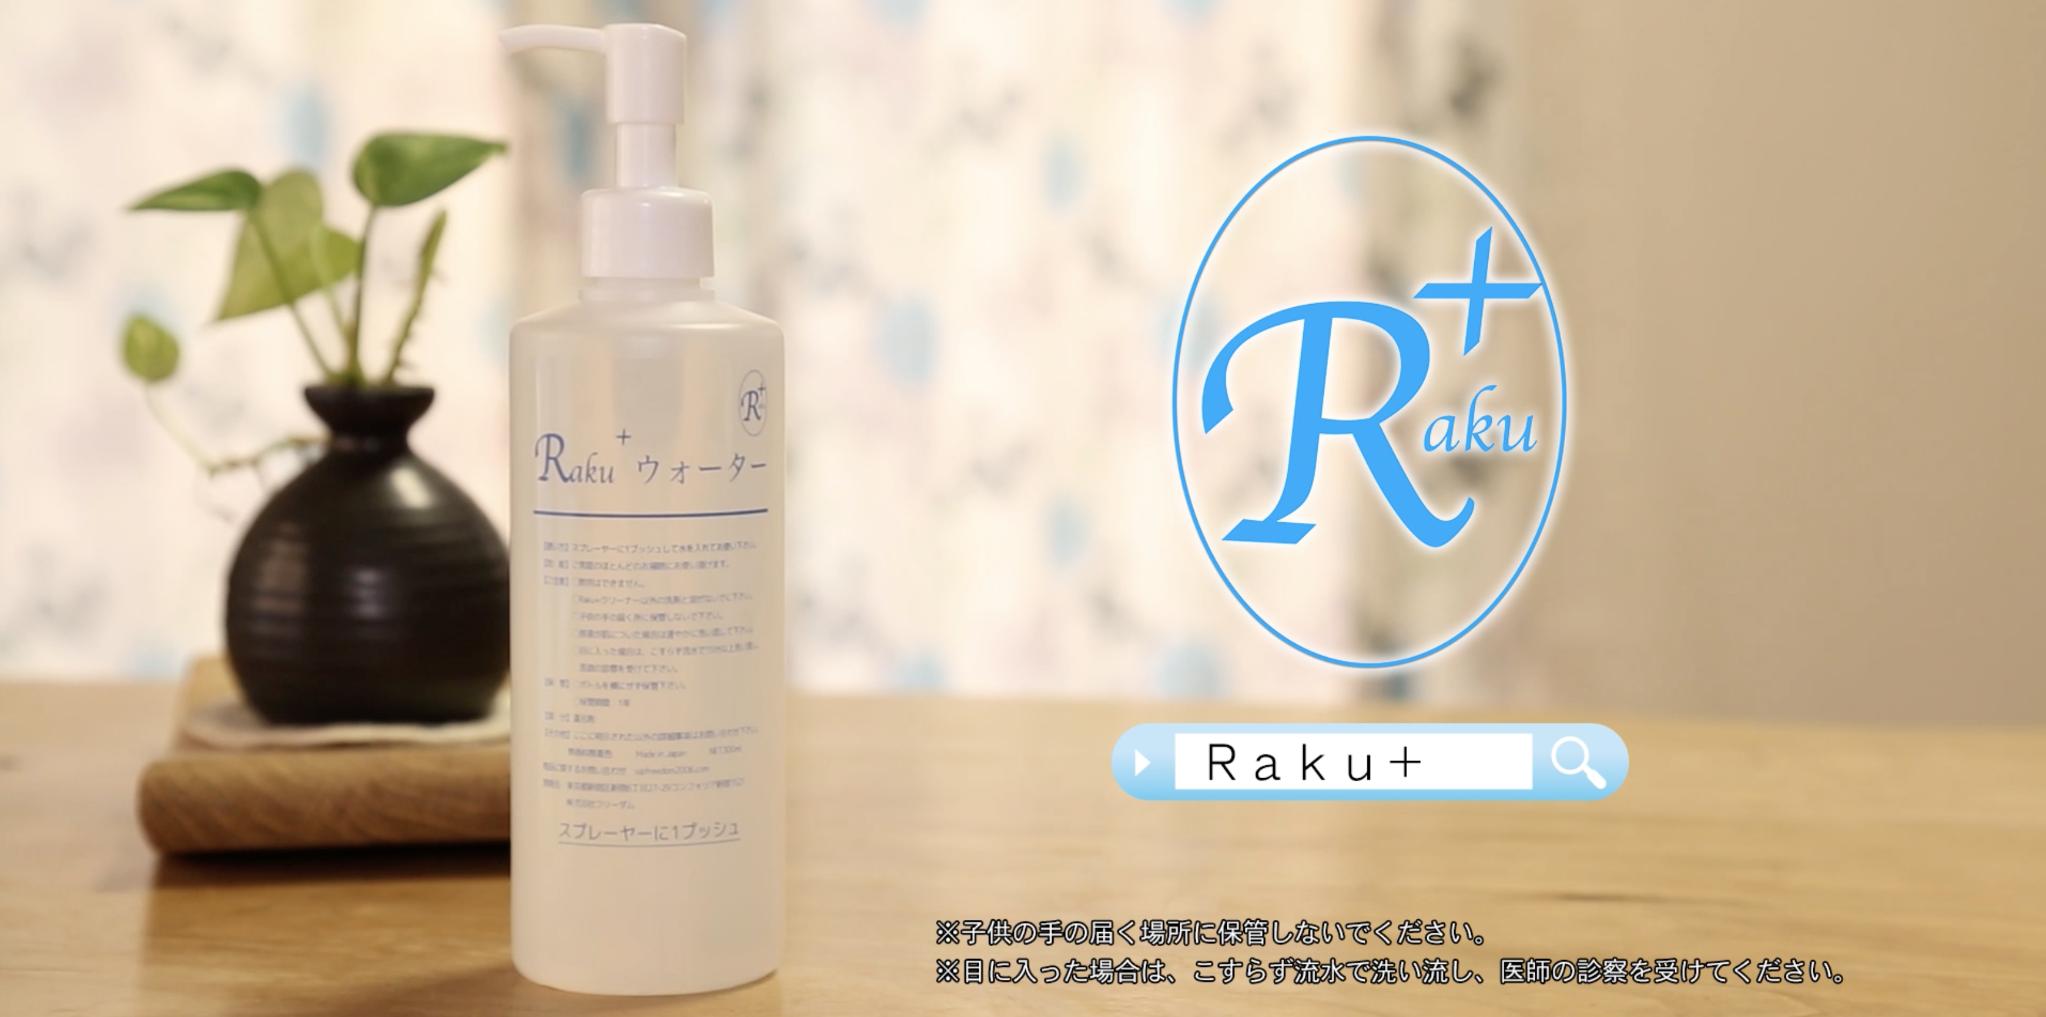 Raku+バナー